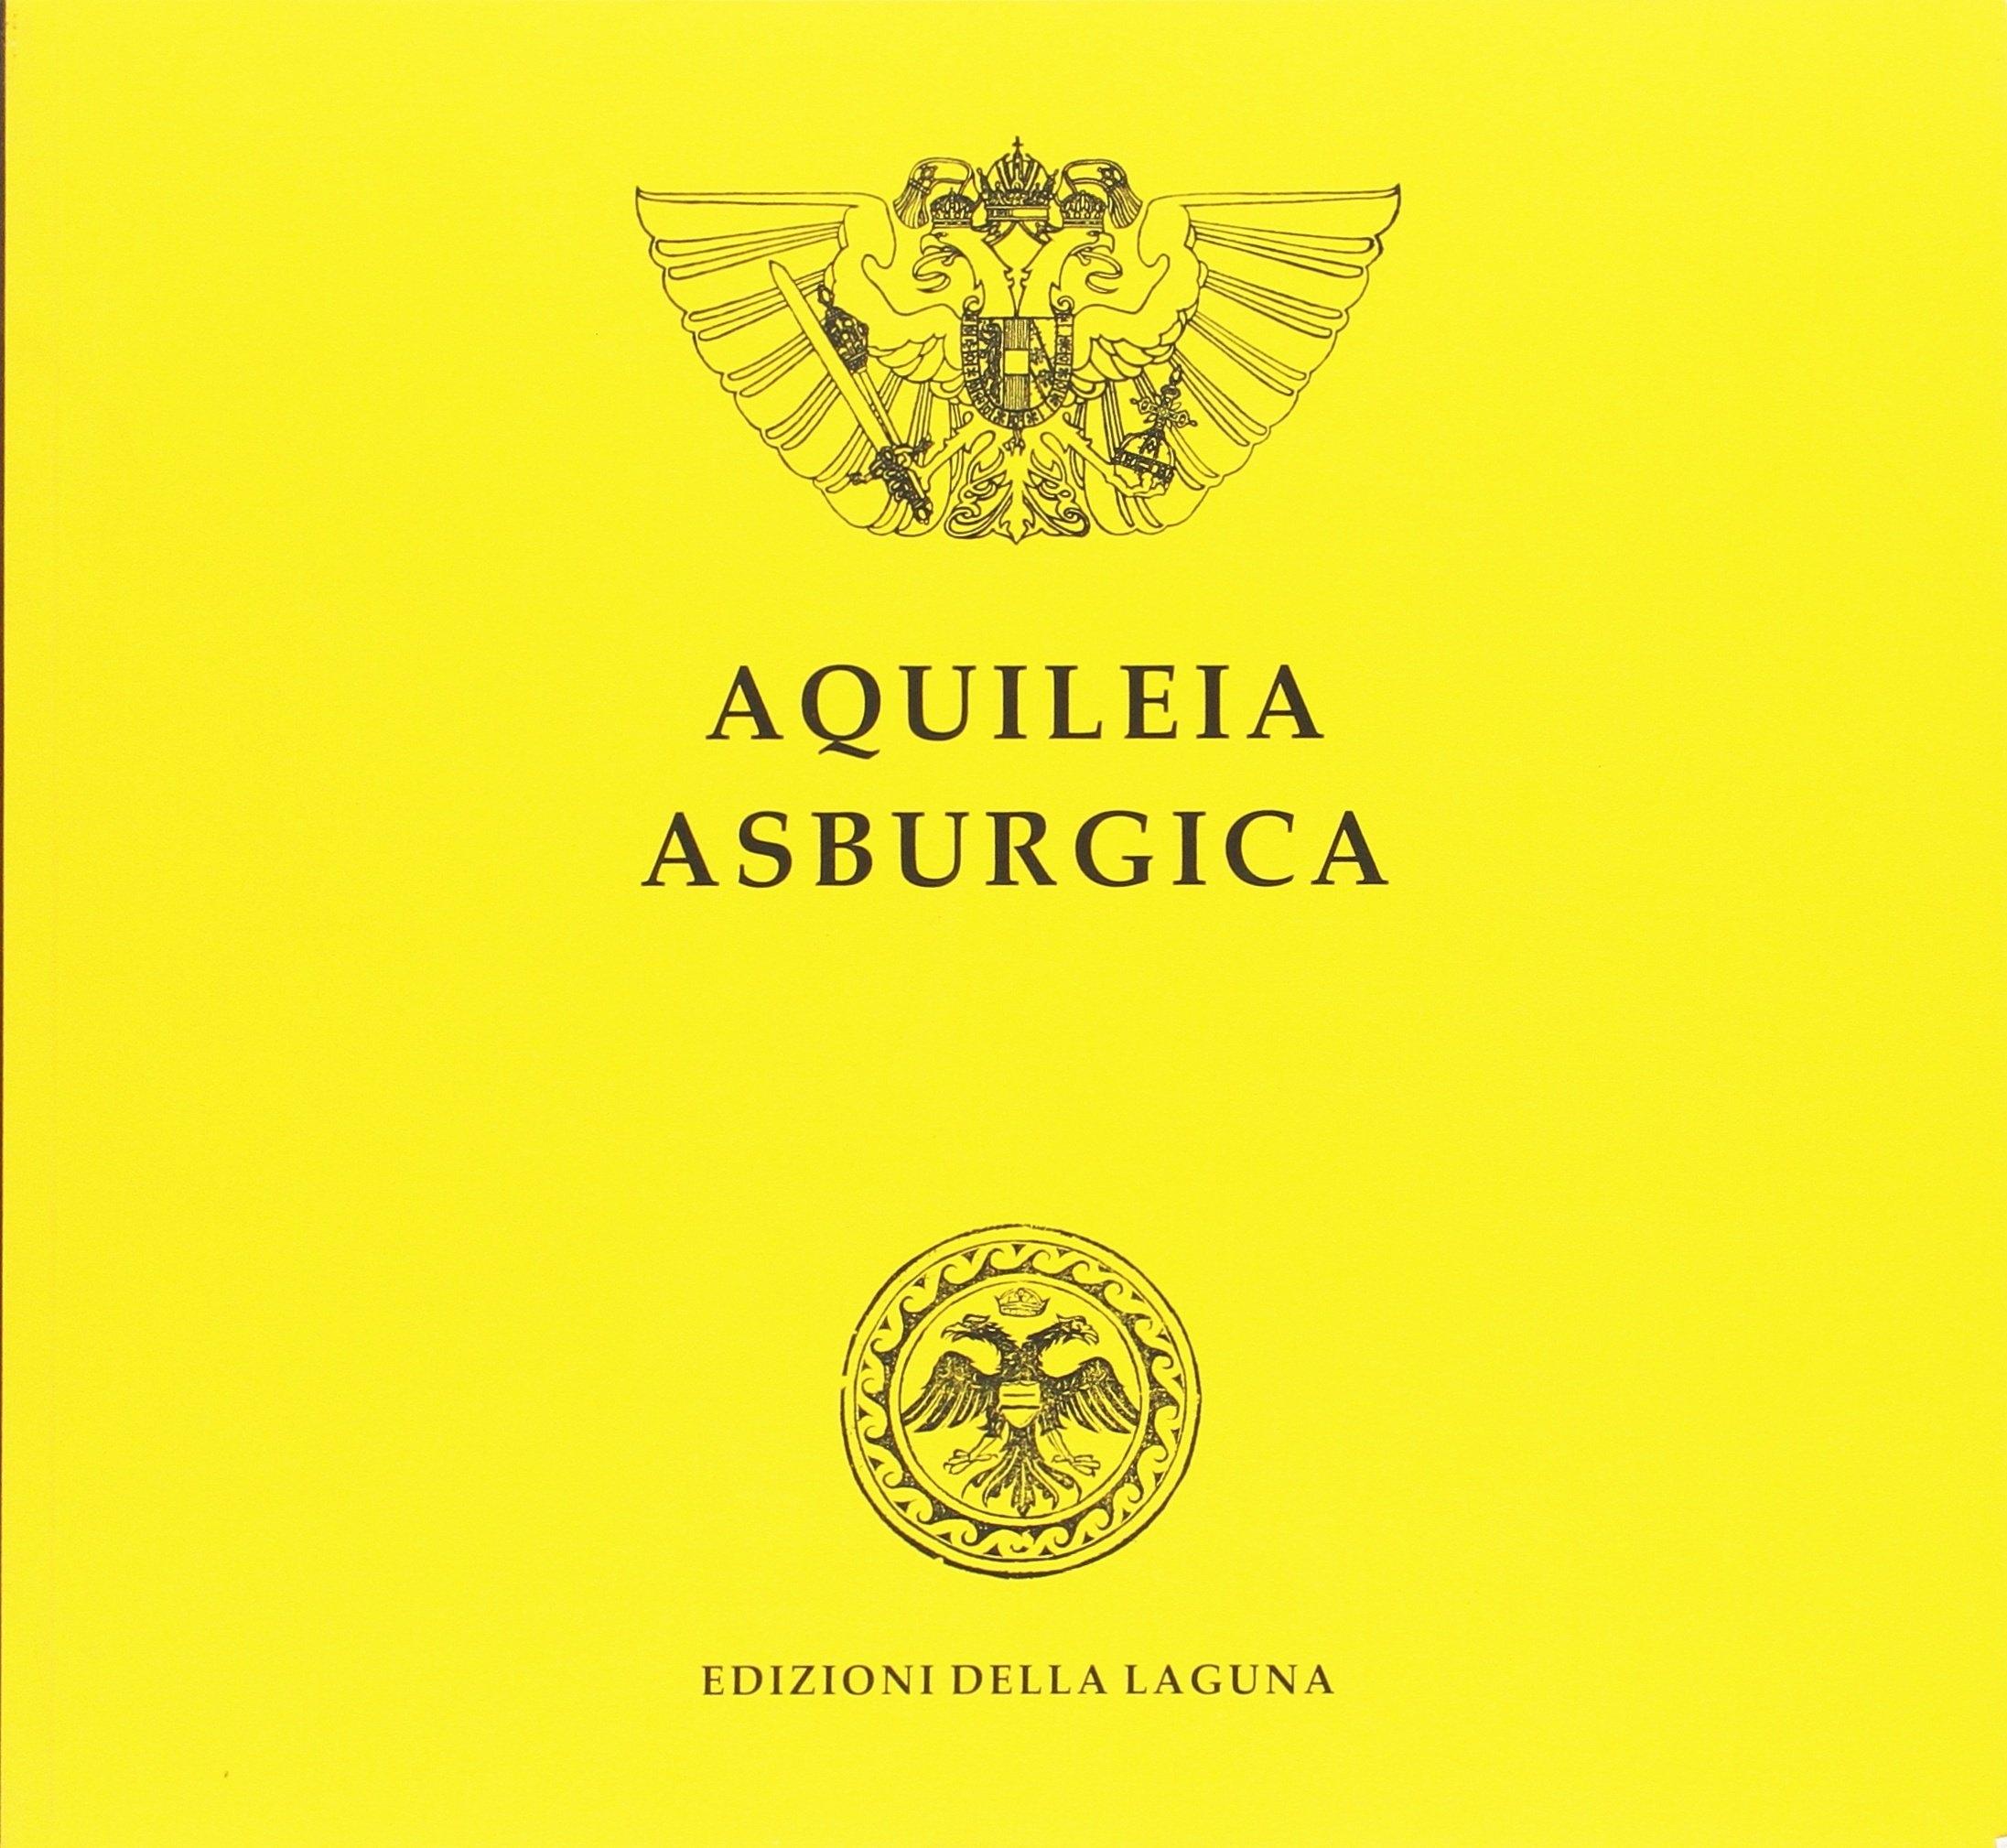 Aquileia Asburgica 1509-1918.